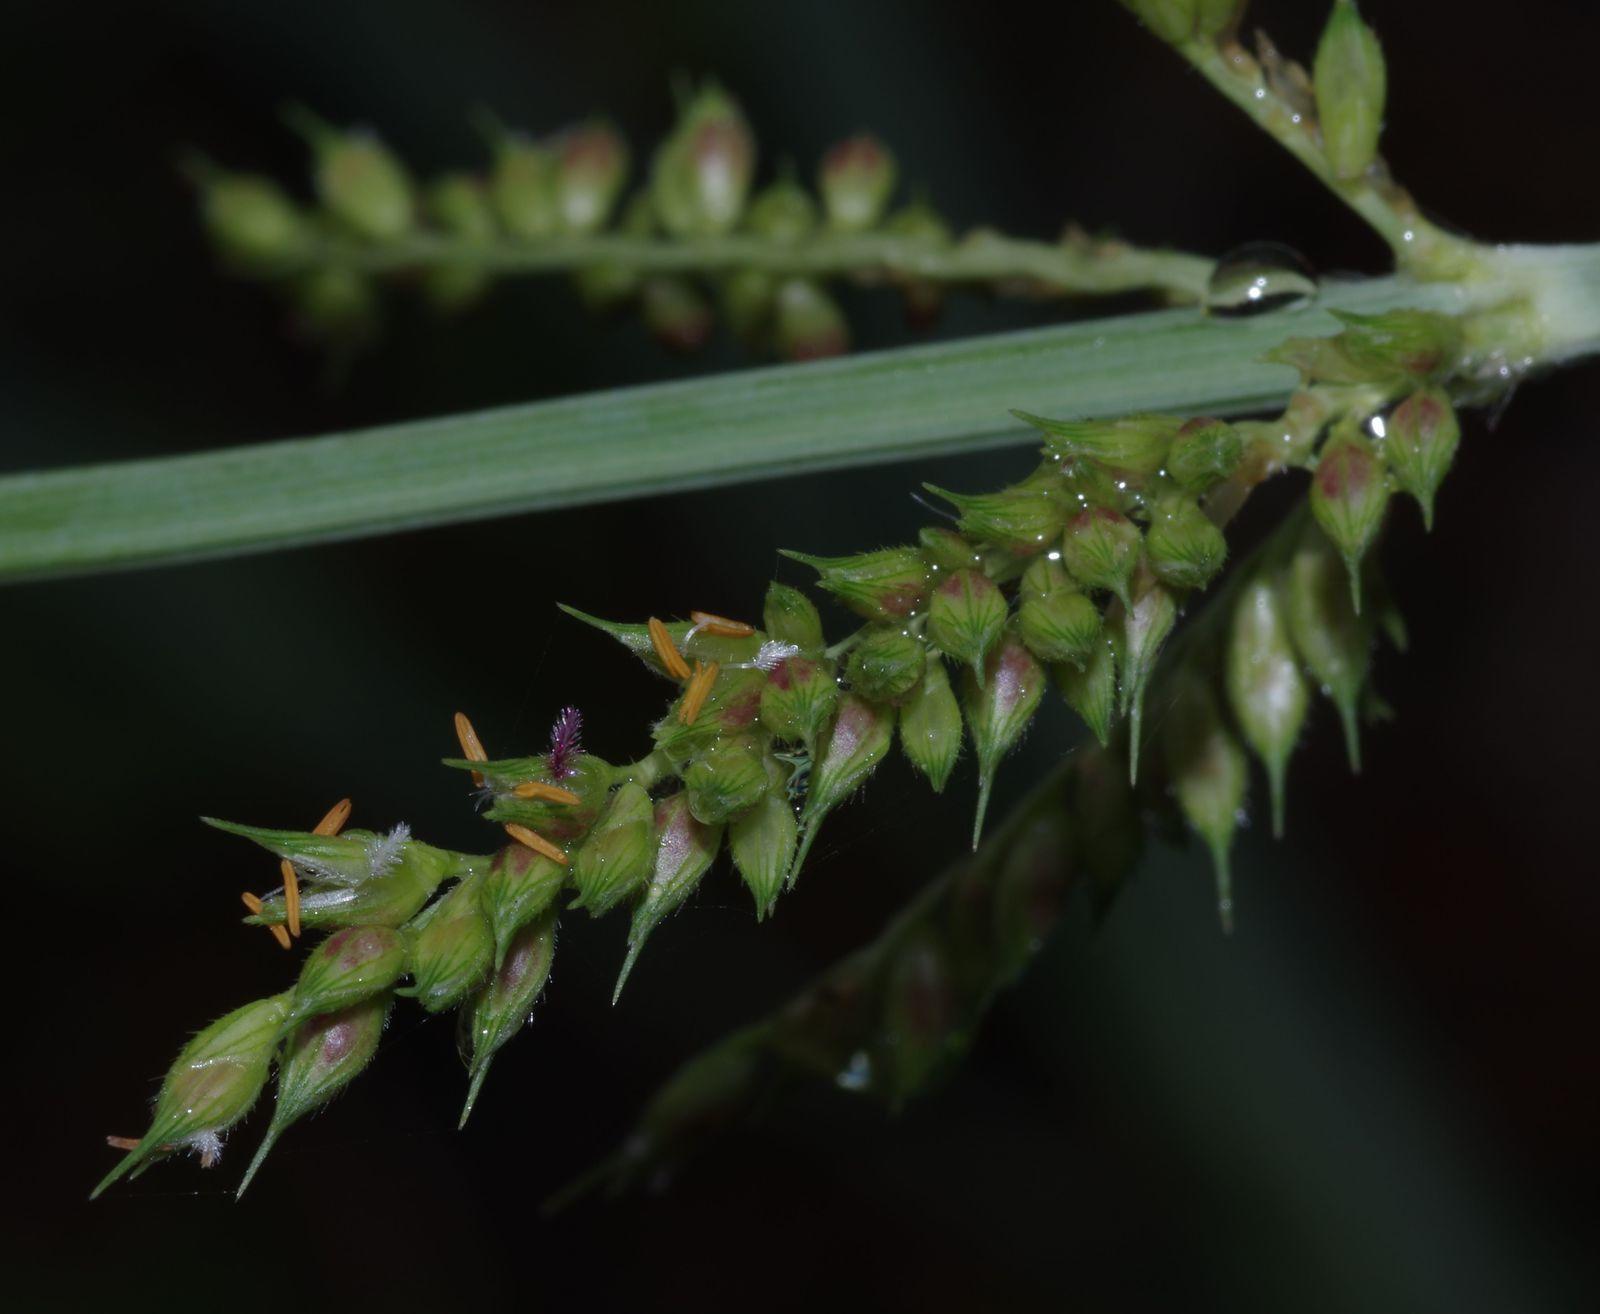 Echinochloa polystachya